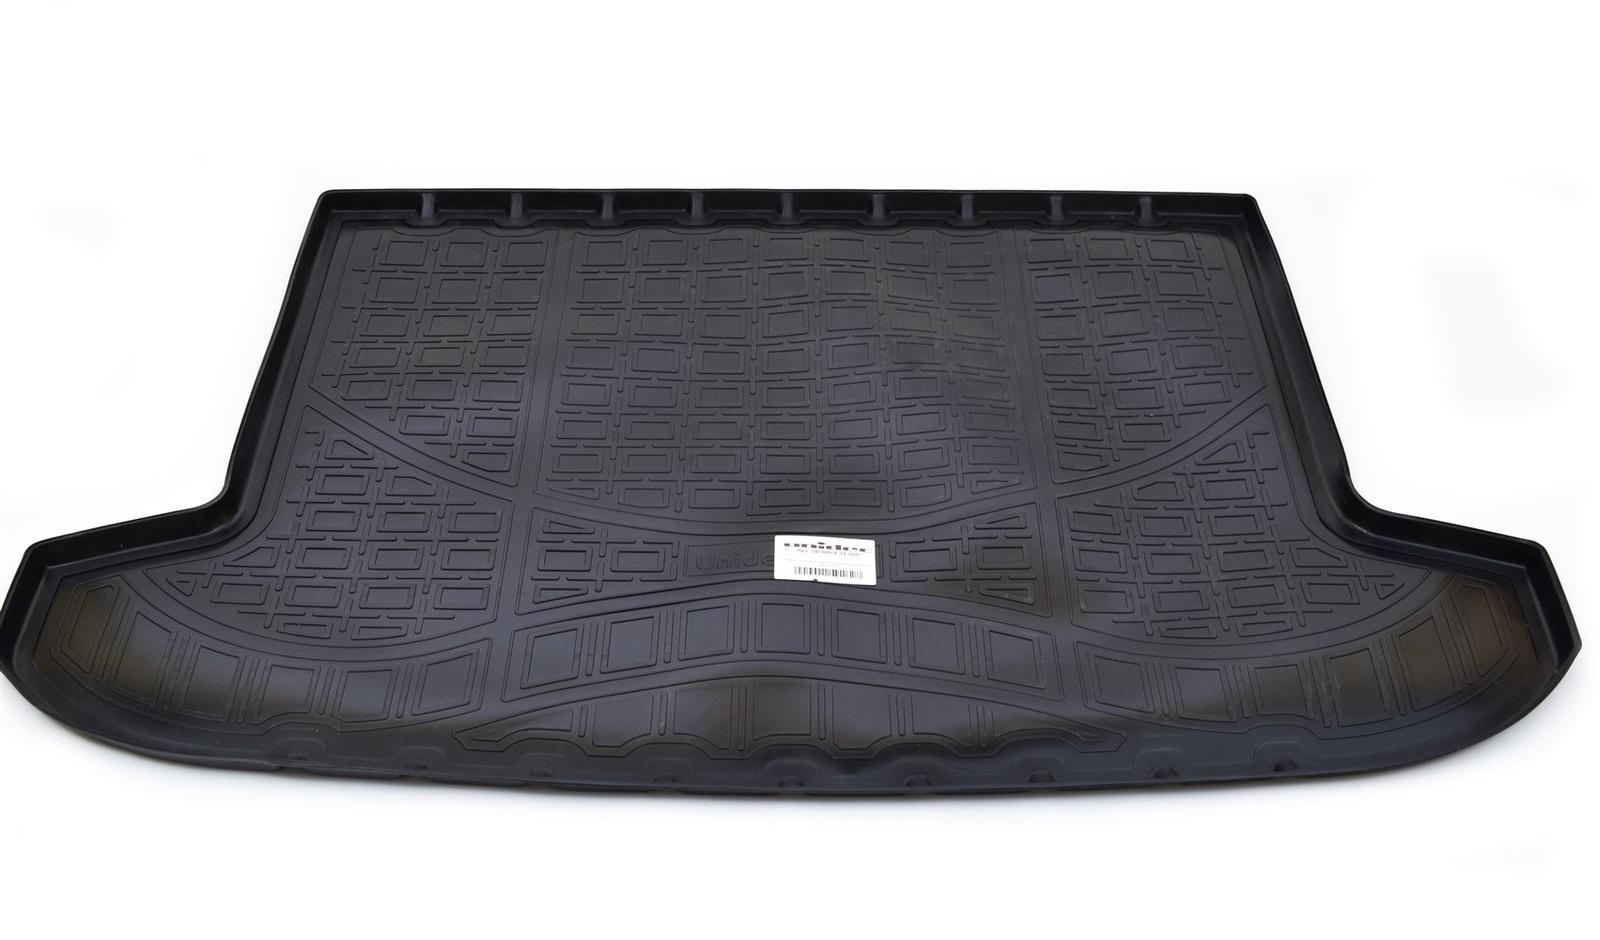 Коврик багажника для vaz 2190 granta sd (2011-) (полимер) npl-bo-94-60 коврик багажника для vaz niva 2121